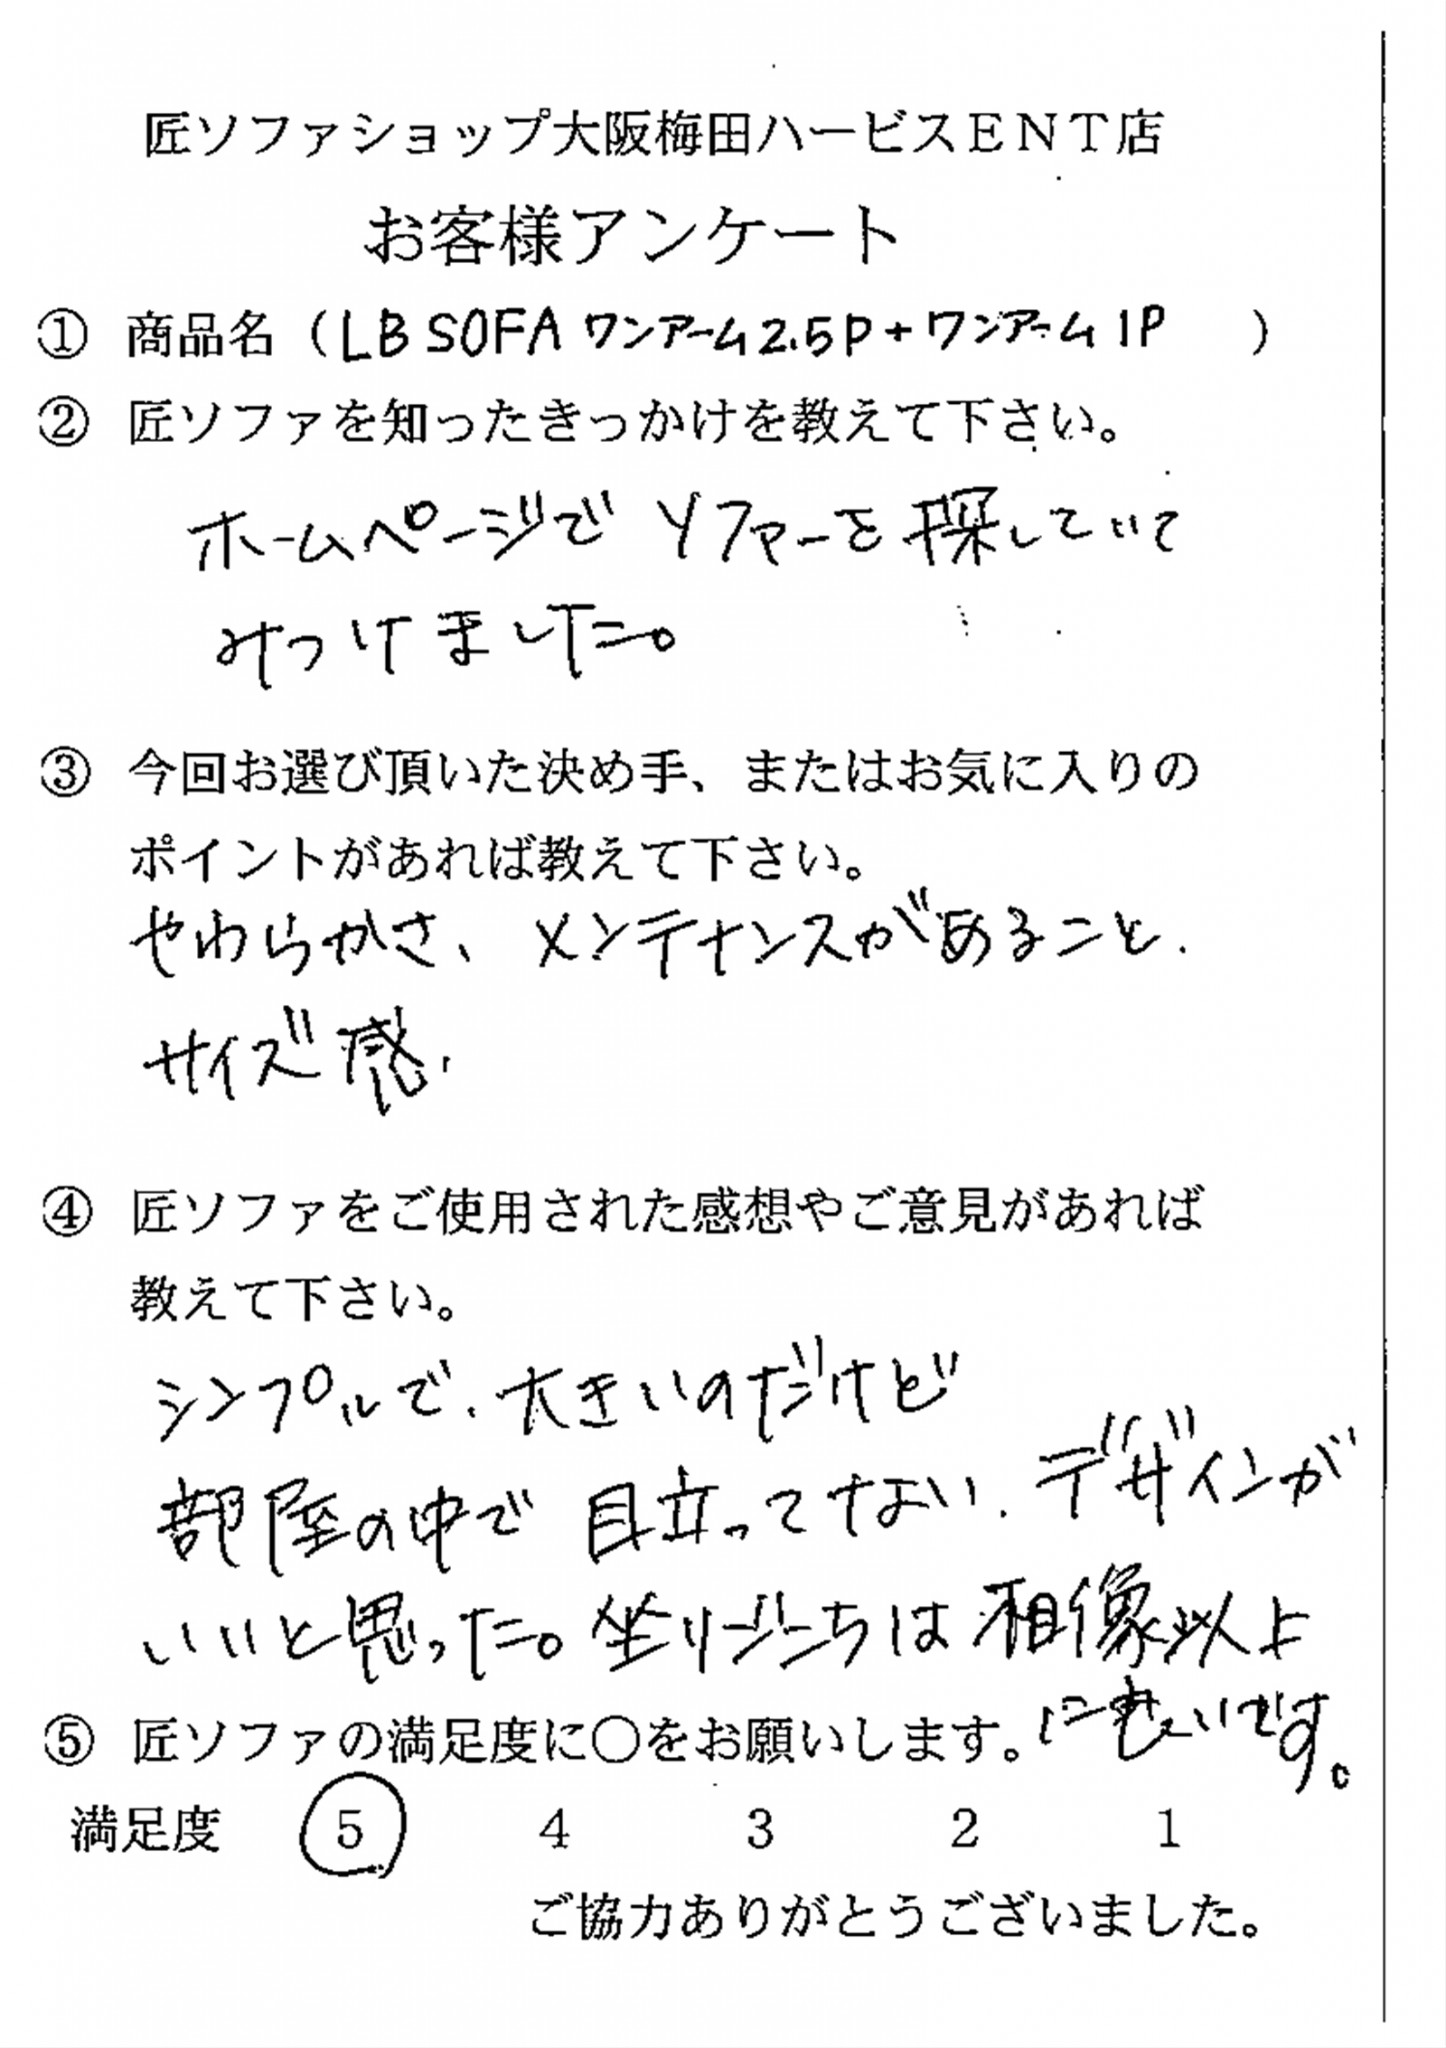 神奈川県T様  (LB SOFA)